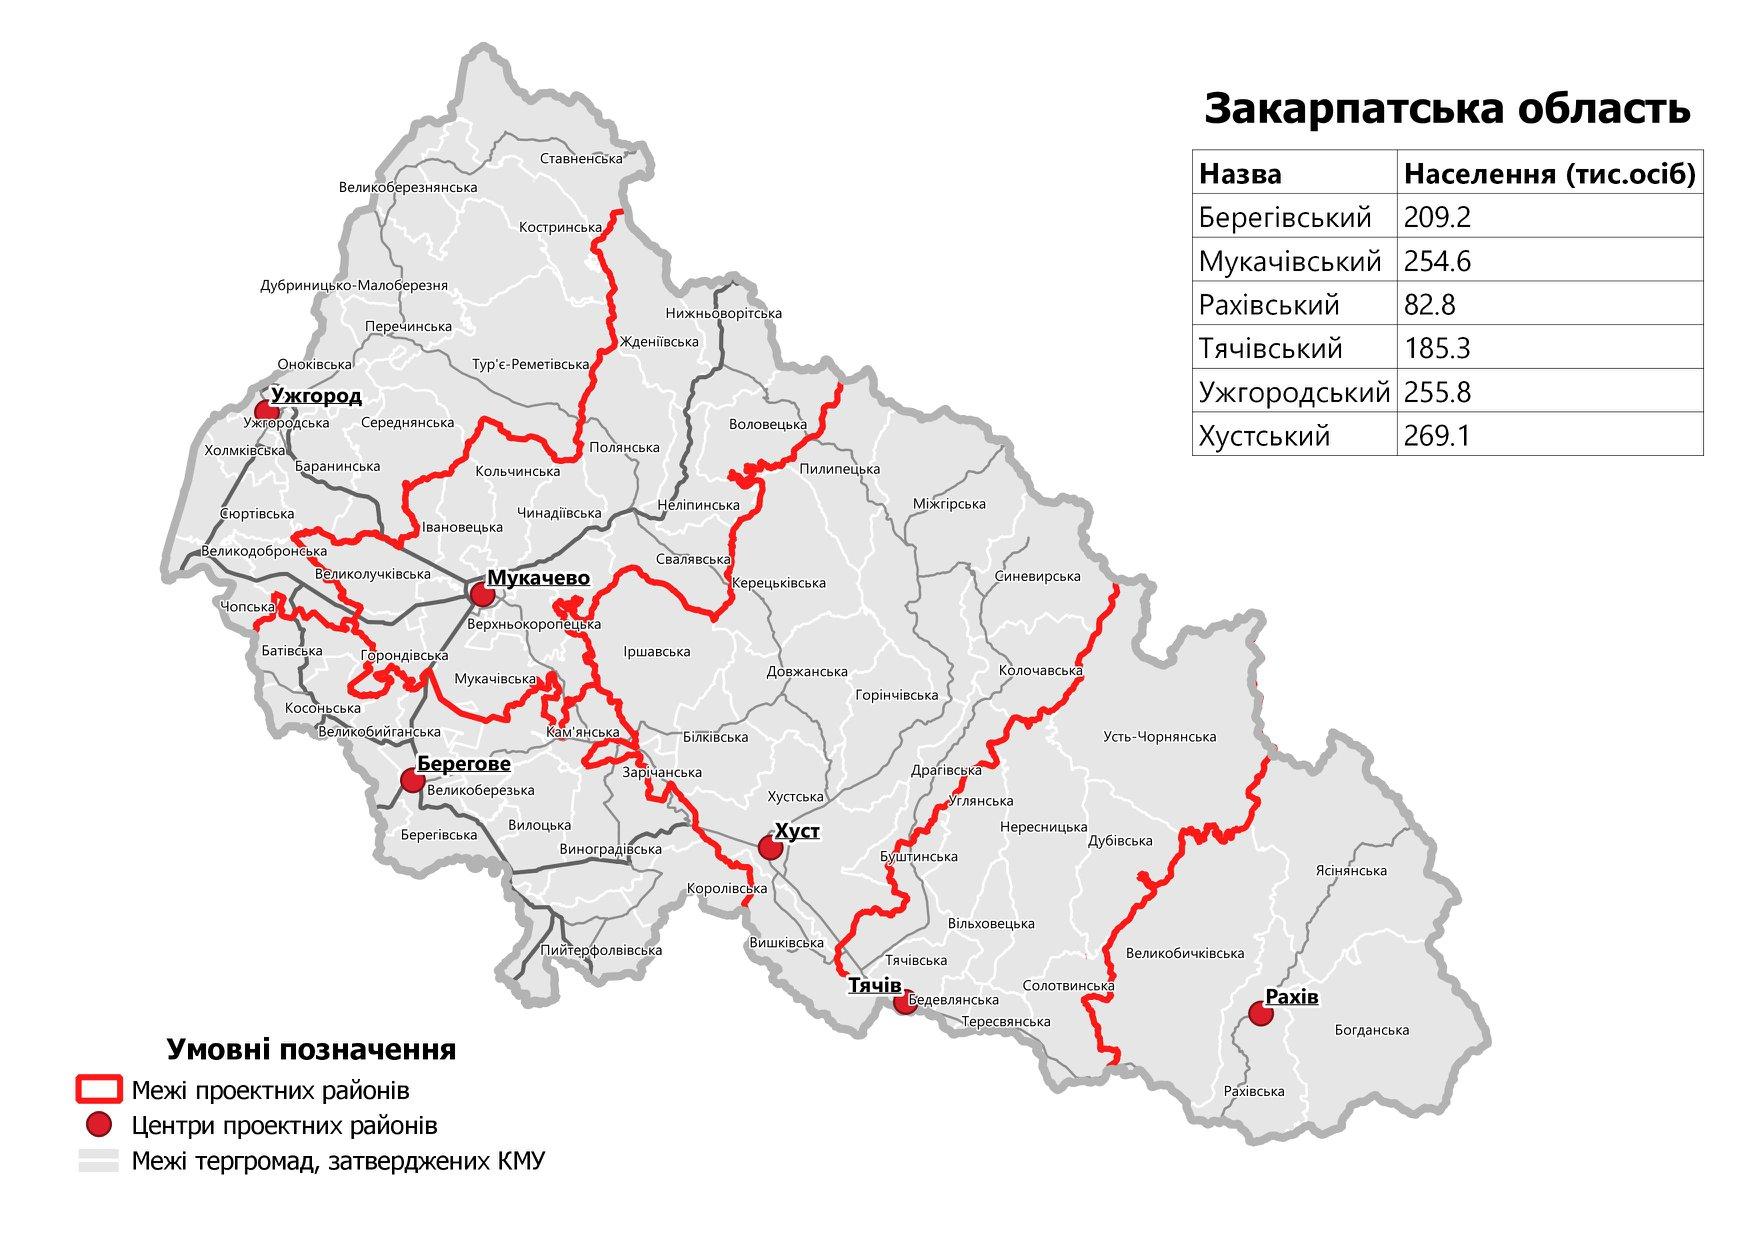 Комітет Верховної Ради попередньо підтримав 6 укрупнених районів у Закарпатті